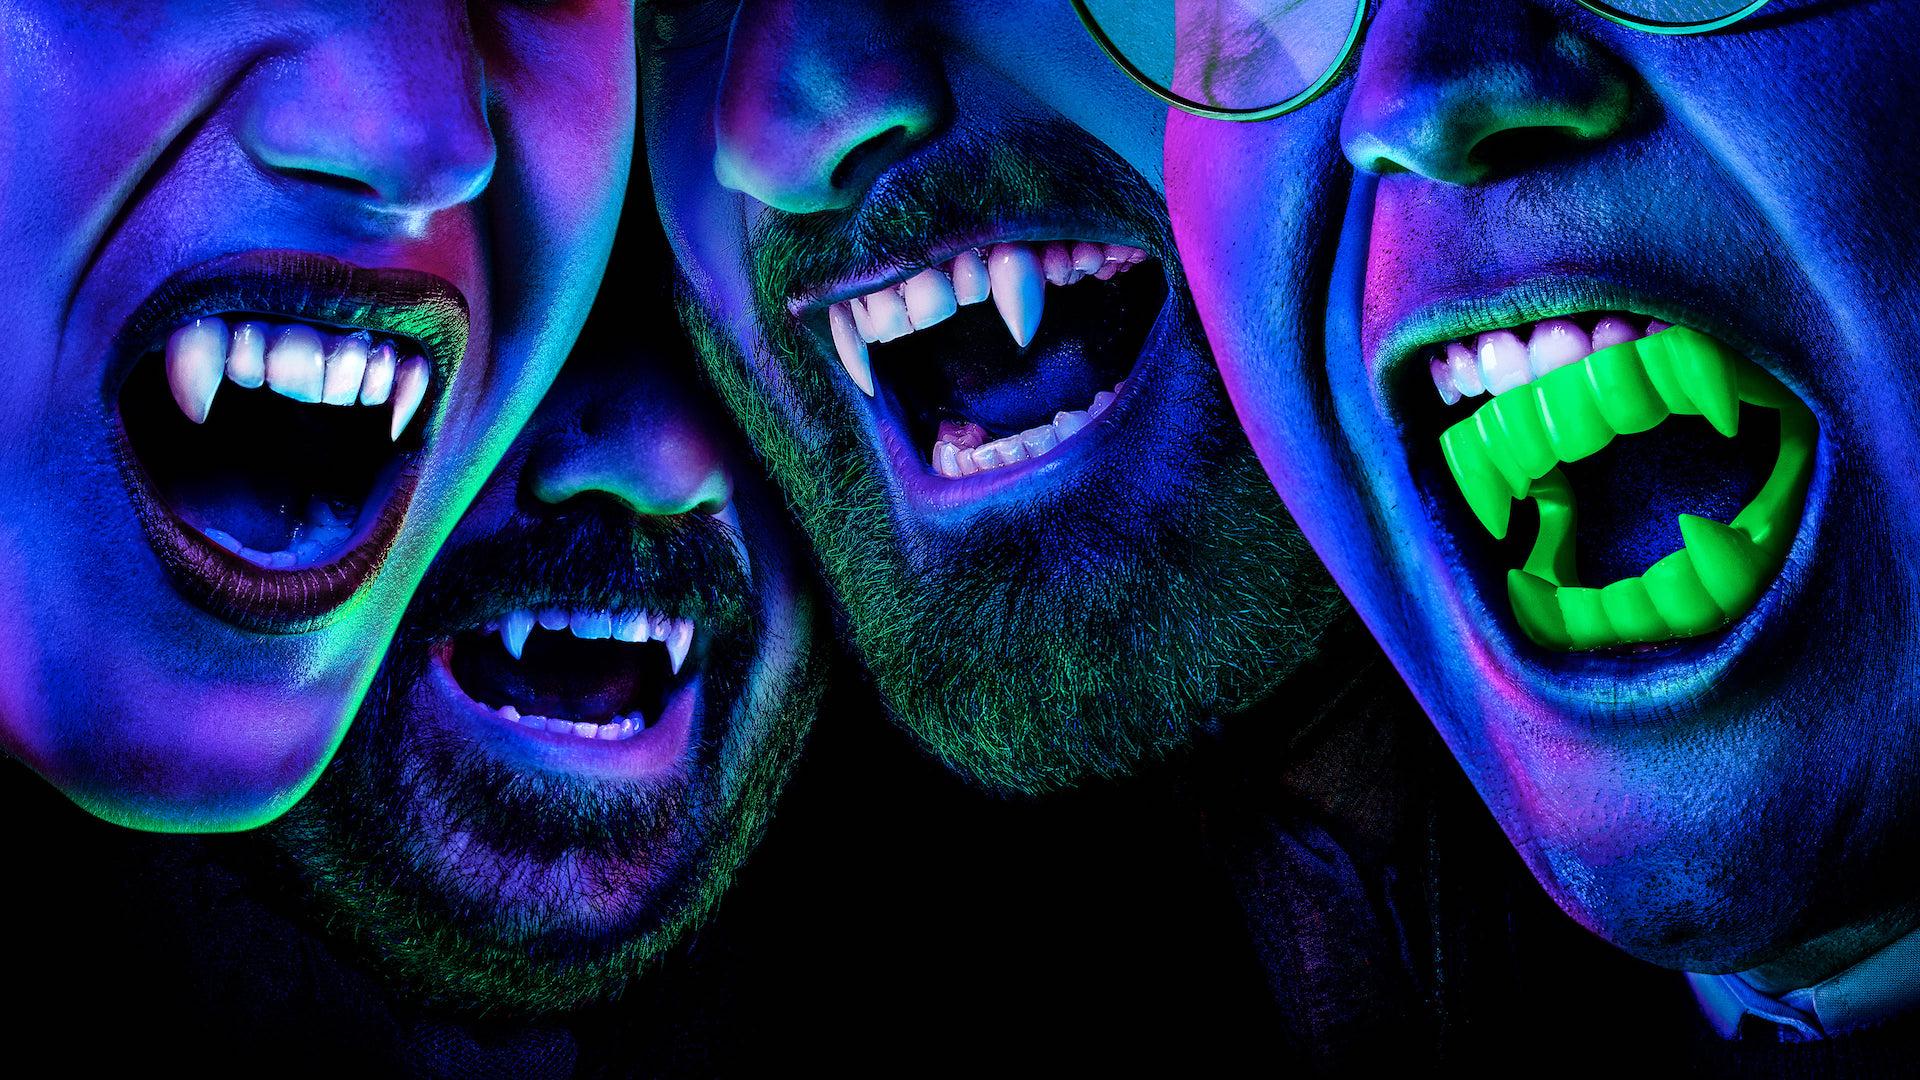 Descubre en Lo que hacemos en las sombras a los vampiros más estrambóticos